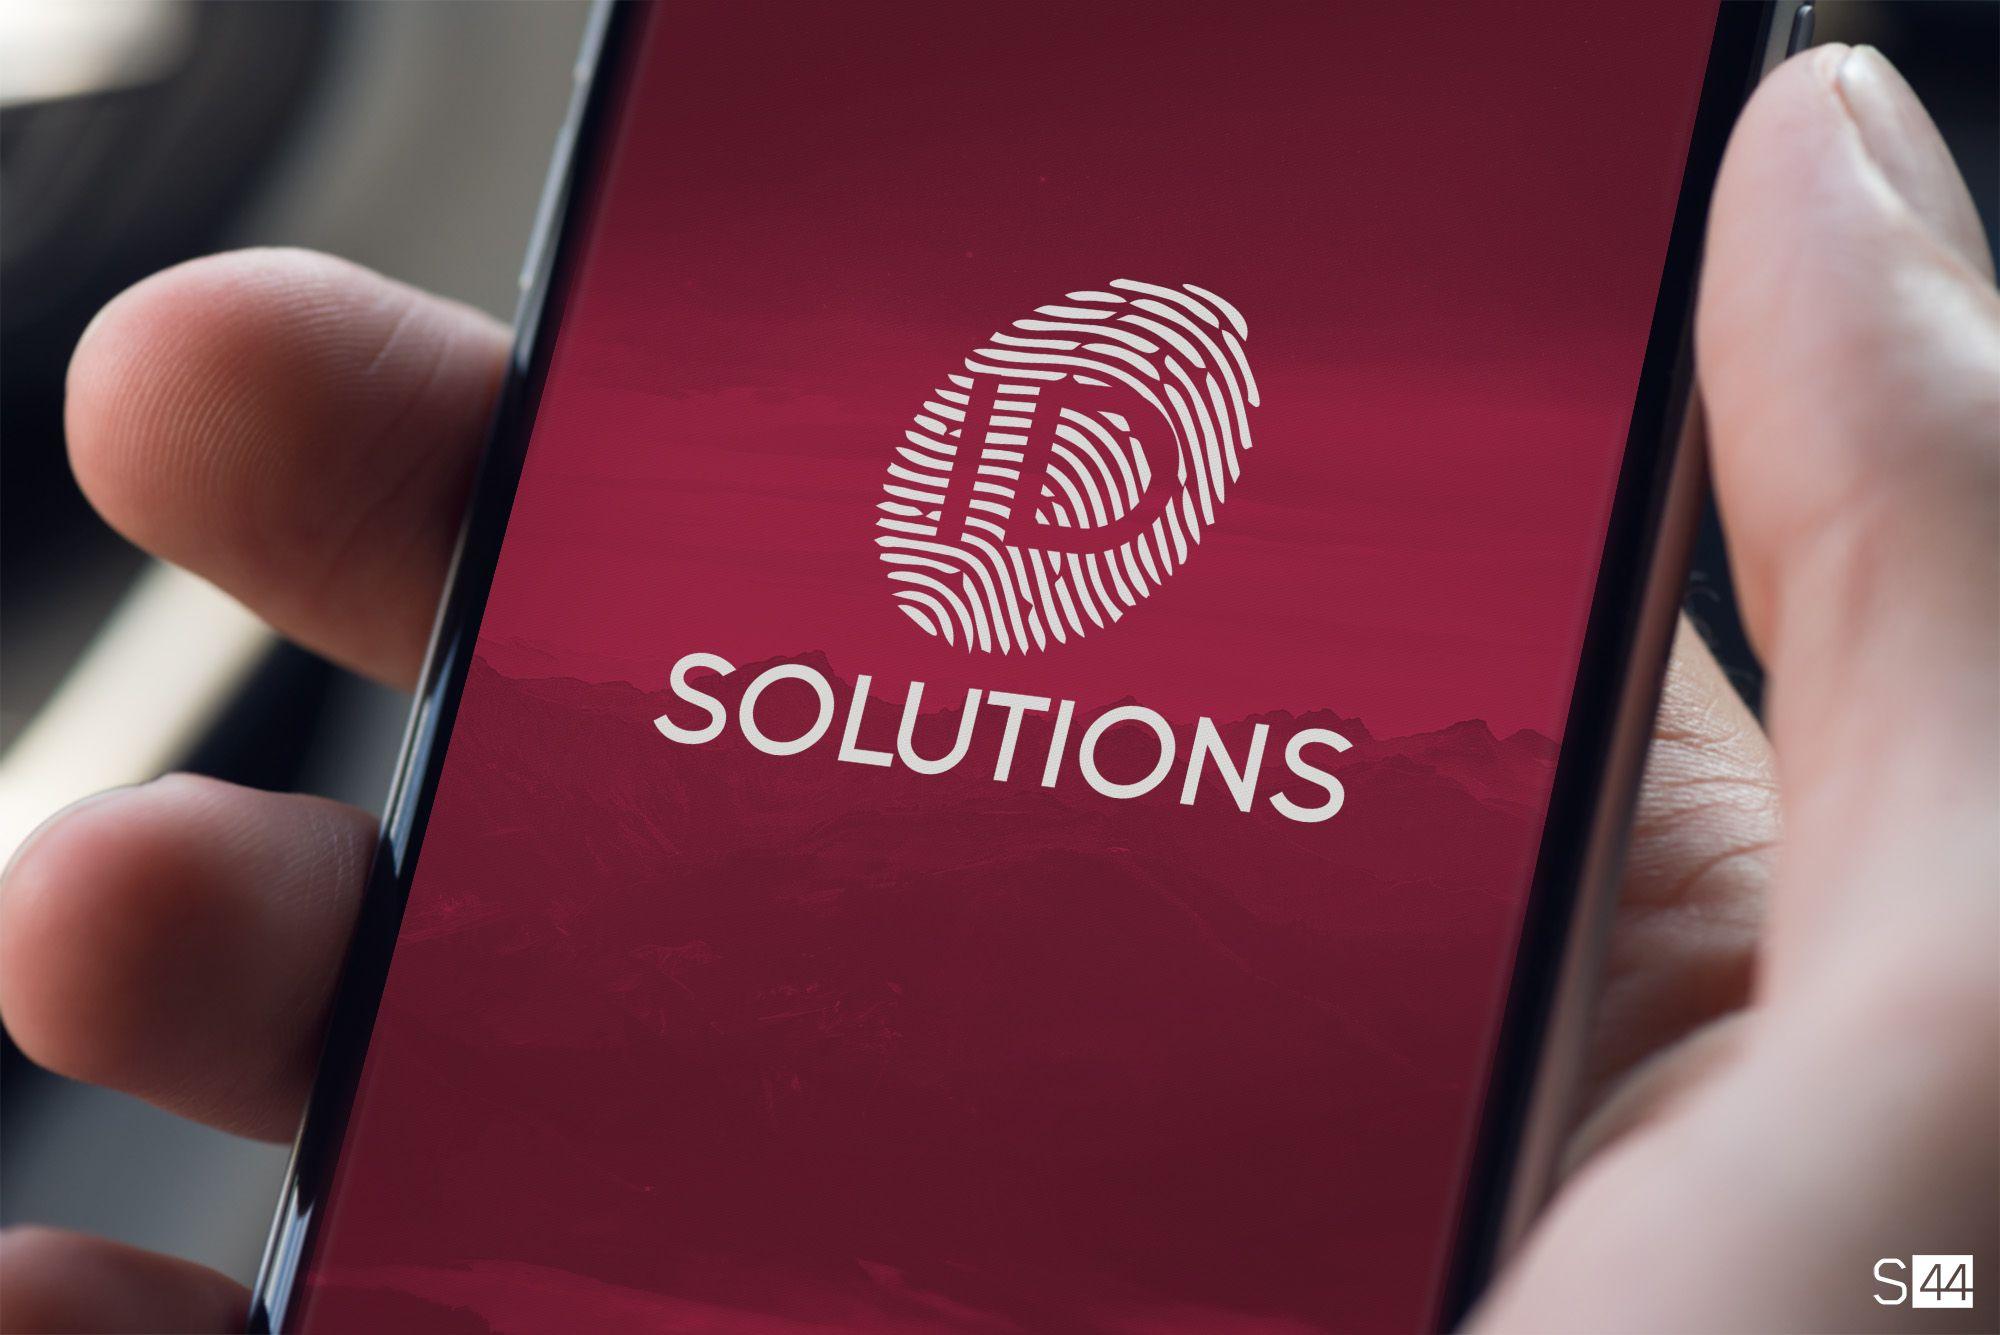 Лого и фирменный стиль для iD Solutions - дизайнер serz4868